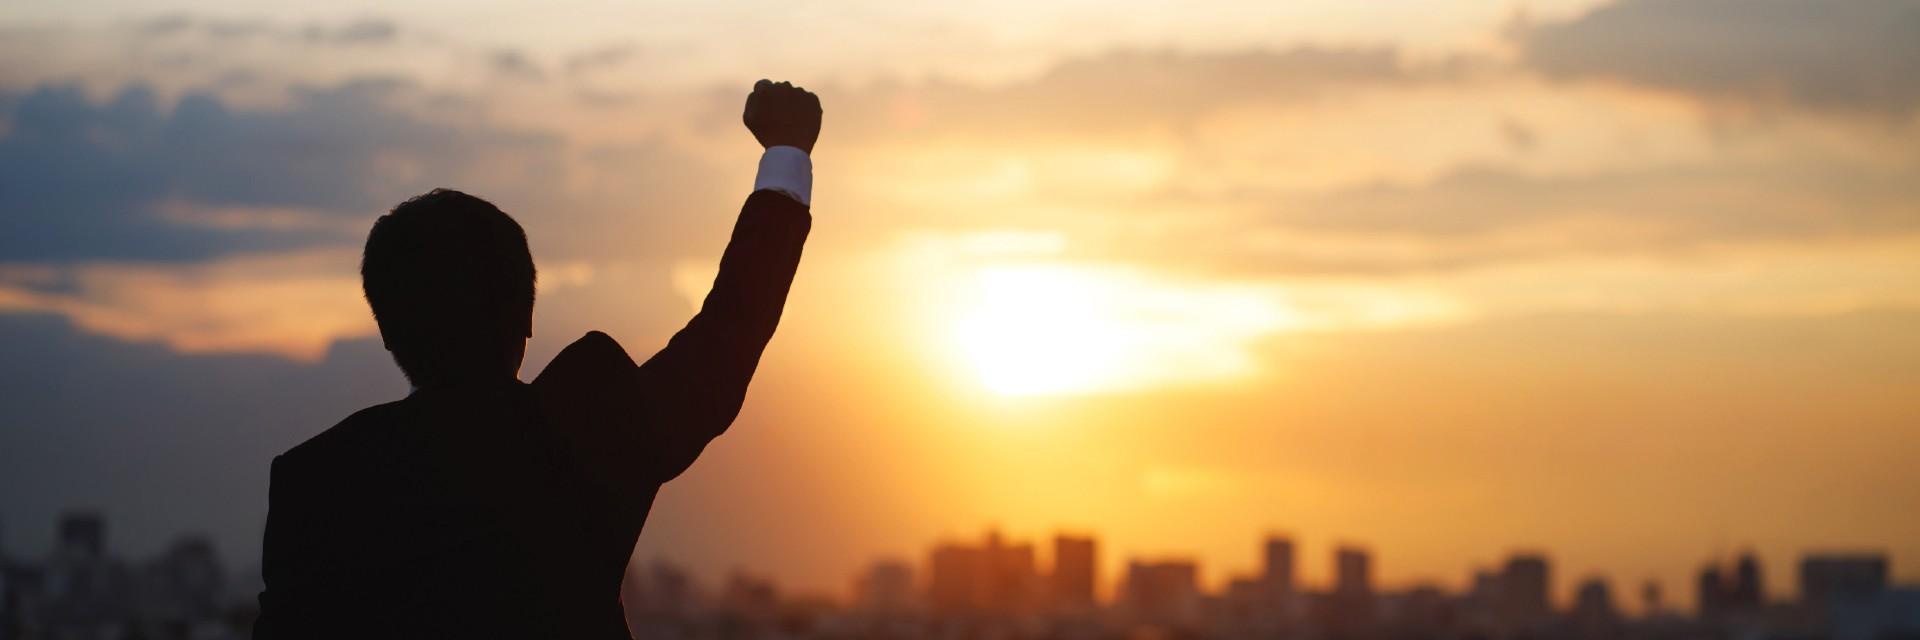 נתינה בניהול מובילה לניצחון בחיים